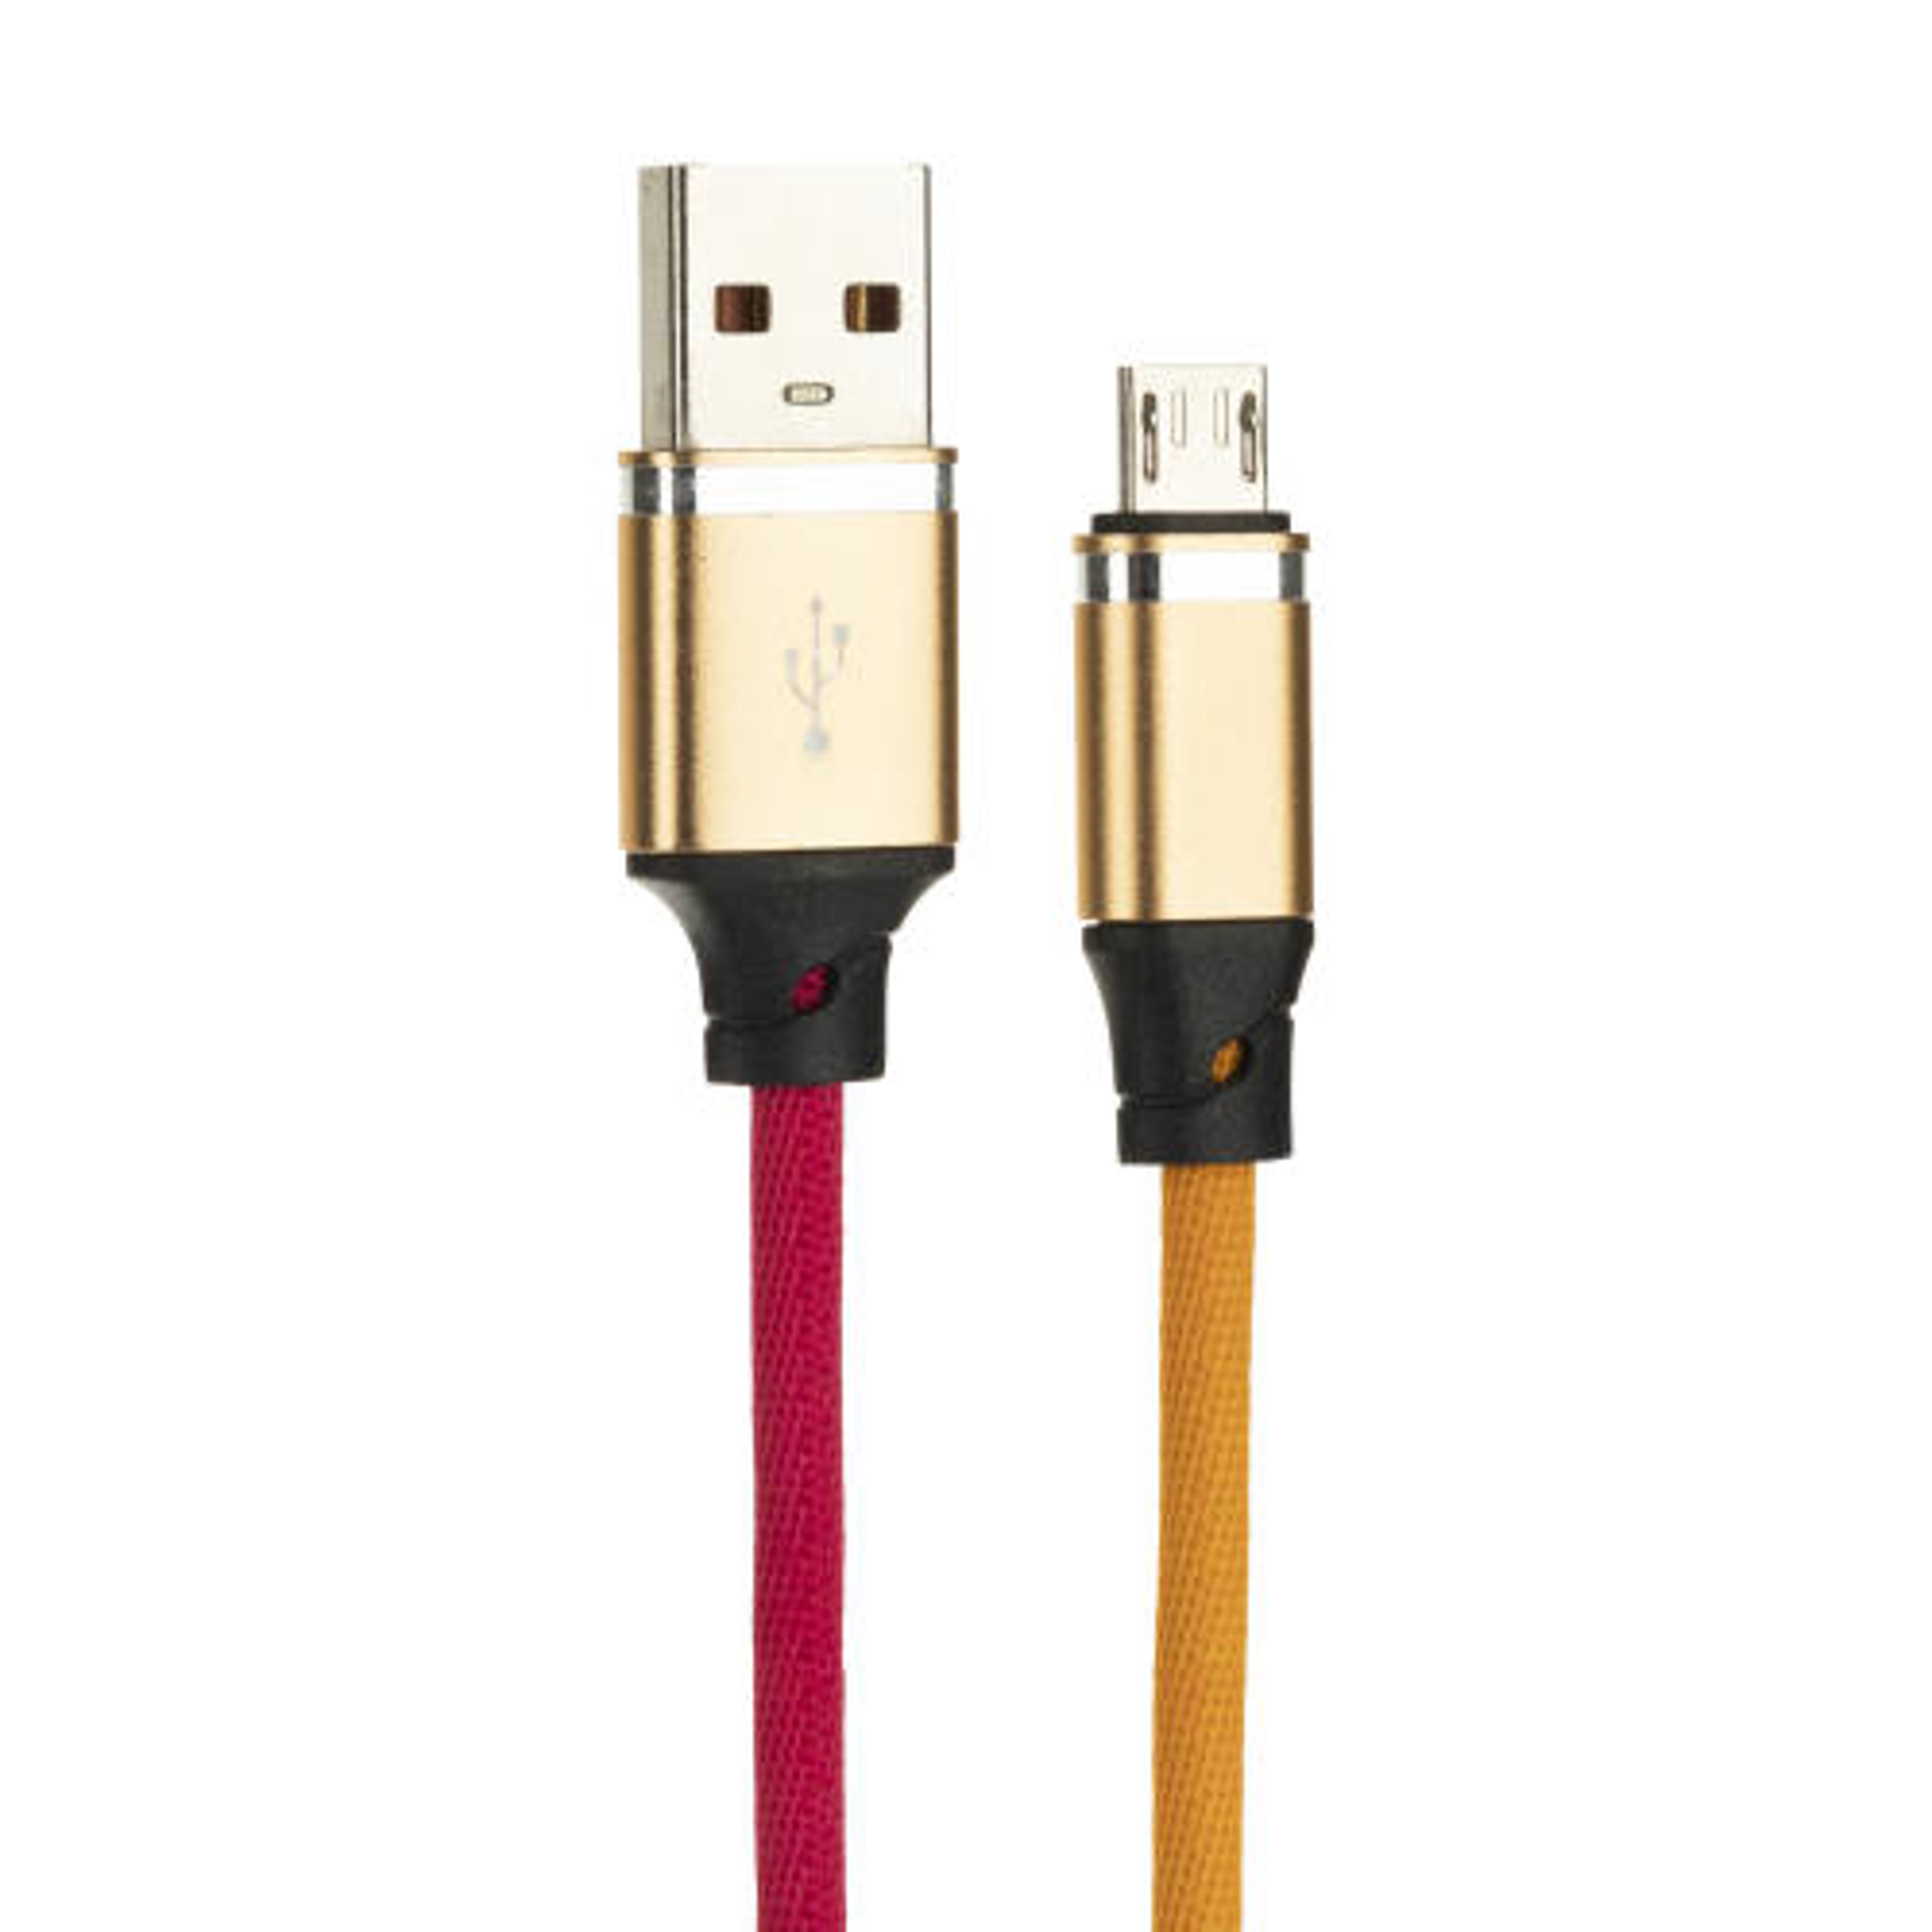 کابل تبدیل USB به microUSB مدل GOLA طول 1 متر